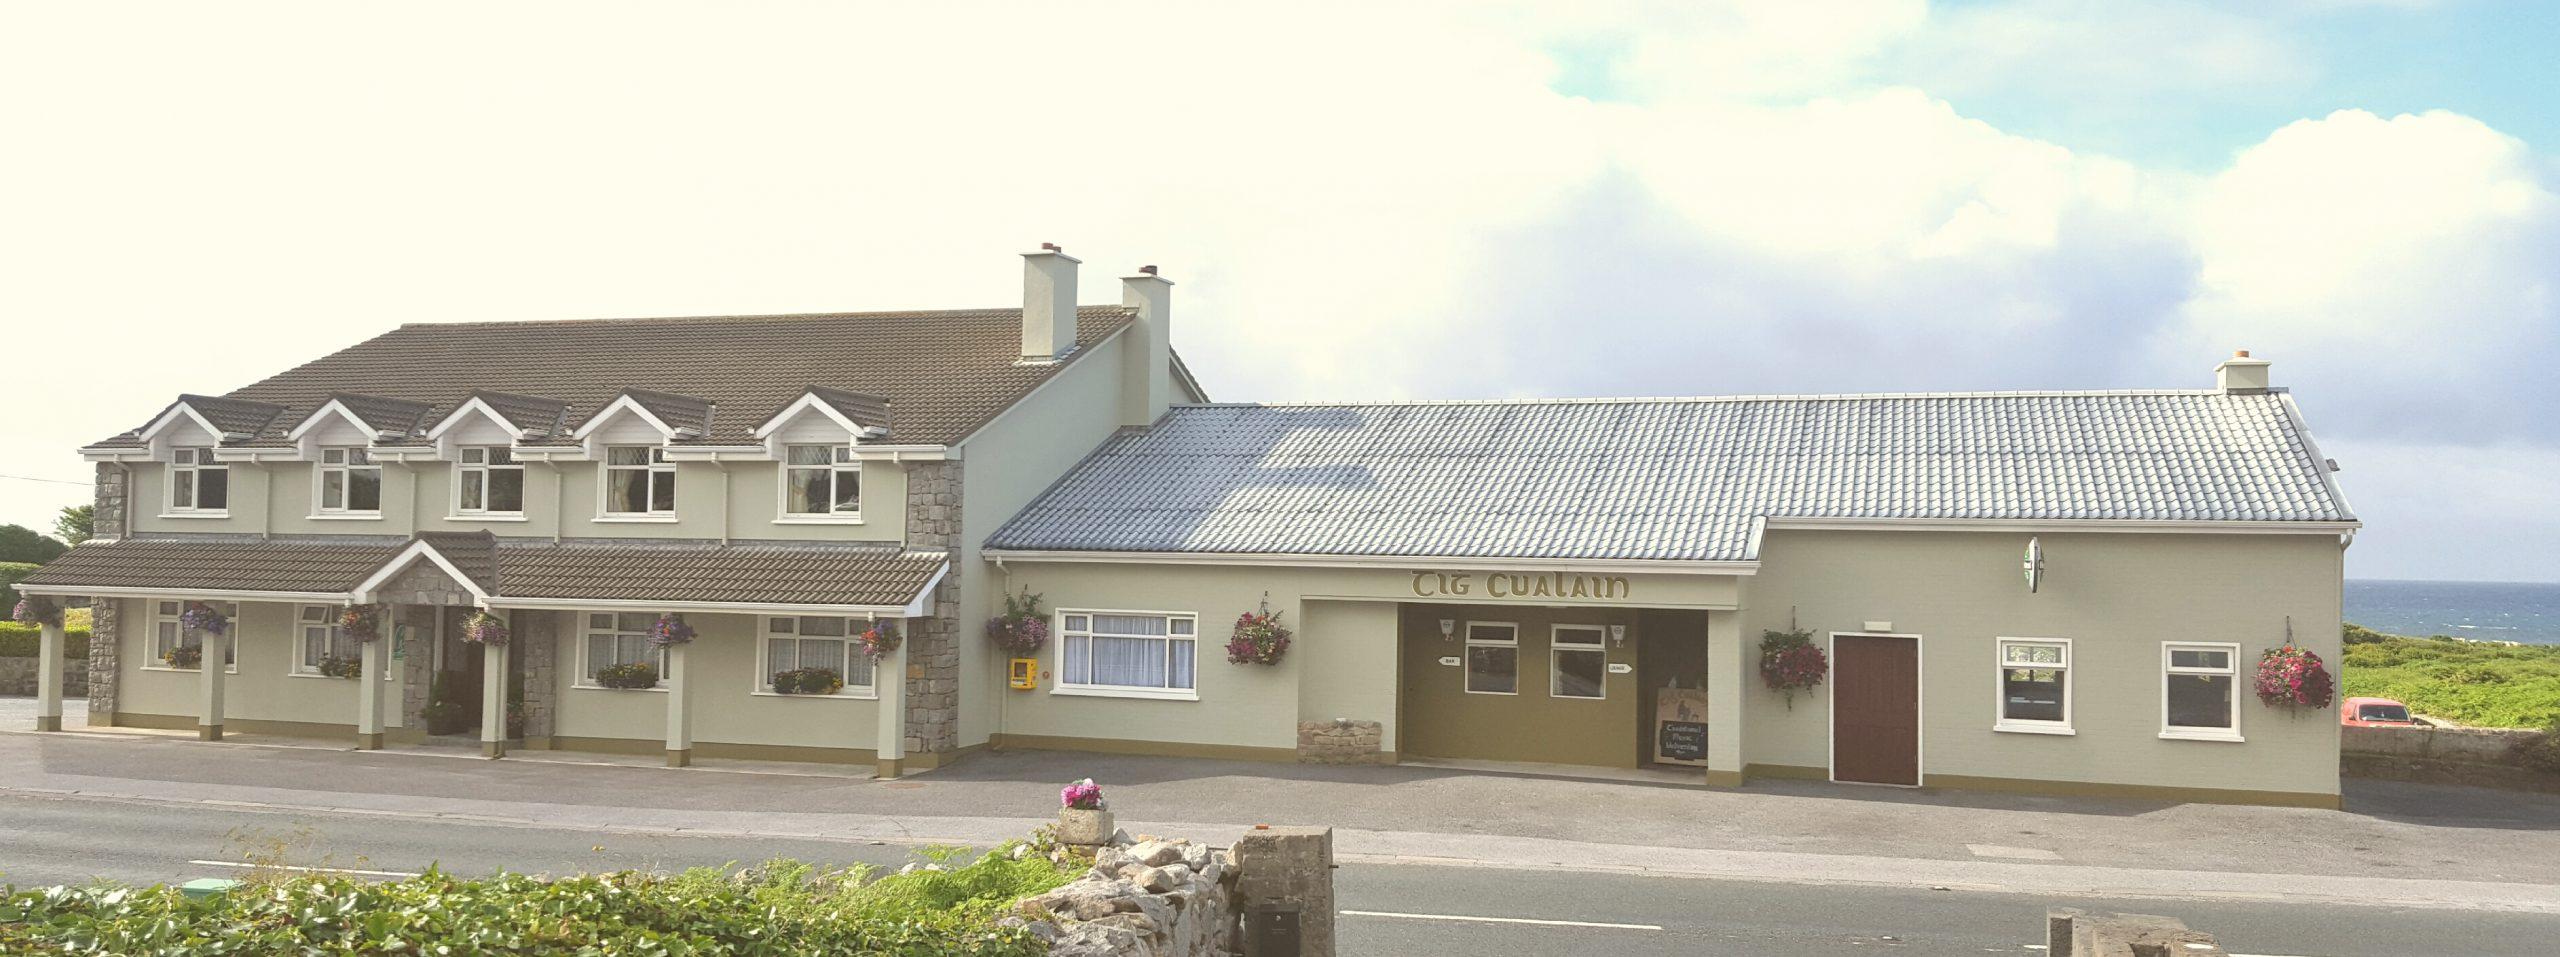 Tigh Chualáin - Bar and Guesthouse